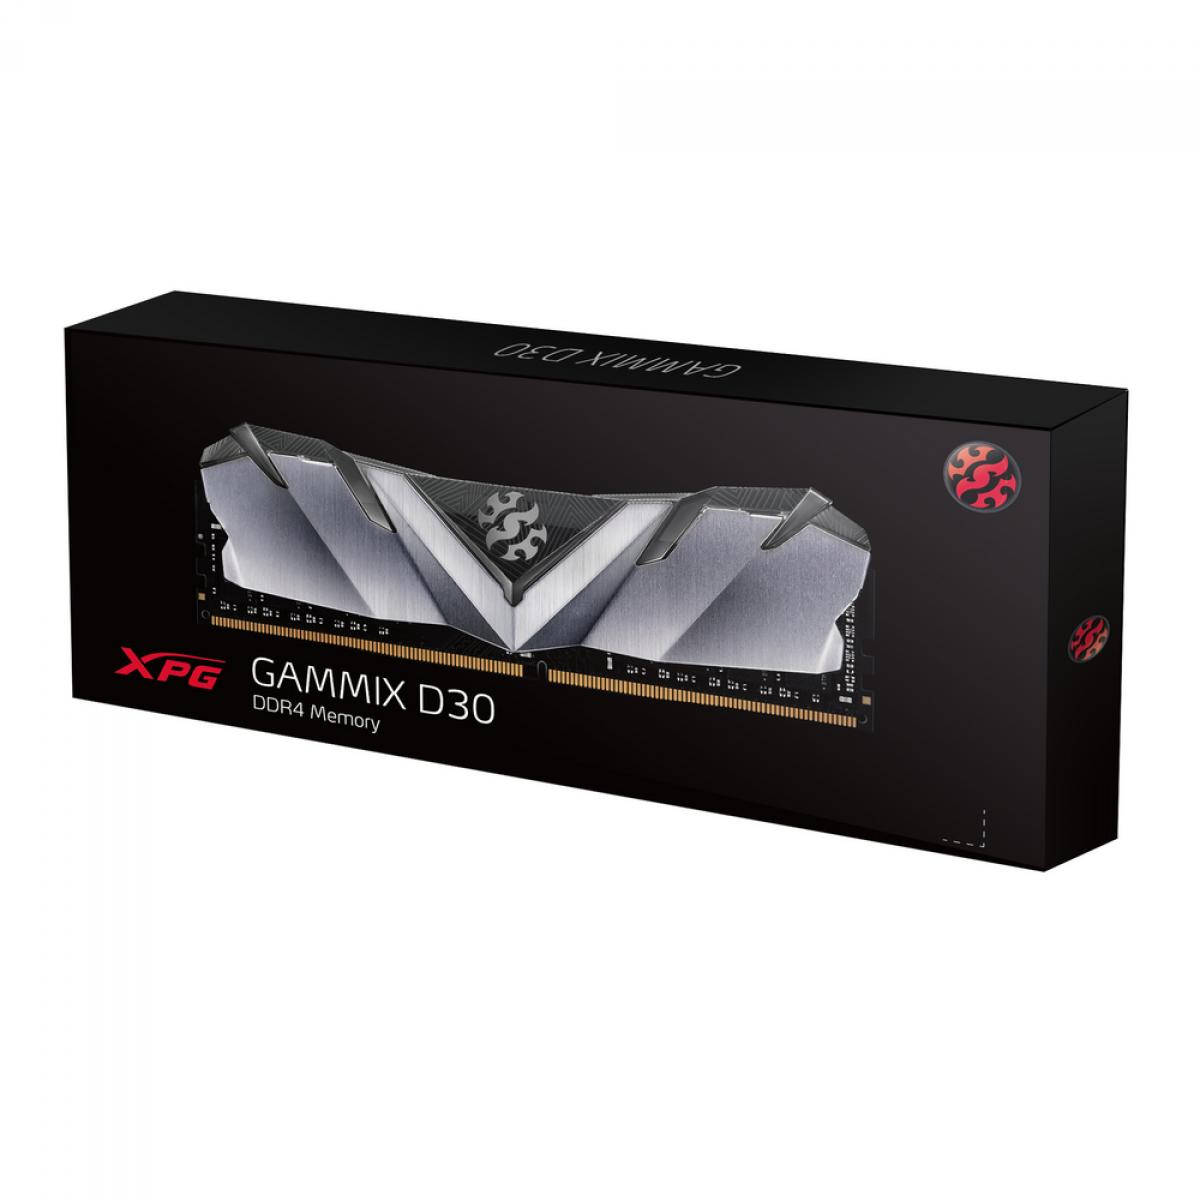 Memória DDR4 XPG Gammix D30, 8GB, 2666Mhz, CL16, Black, AX4U266638G16-SB30